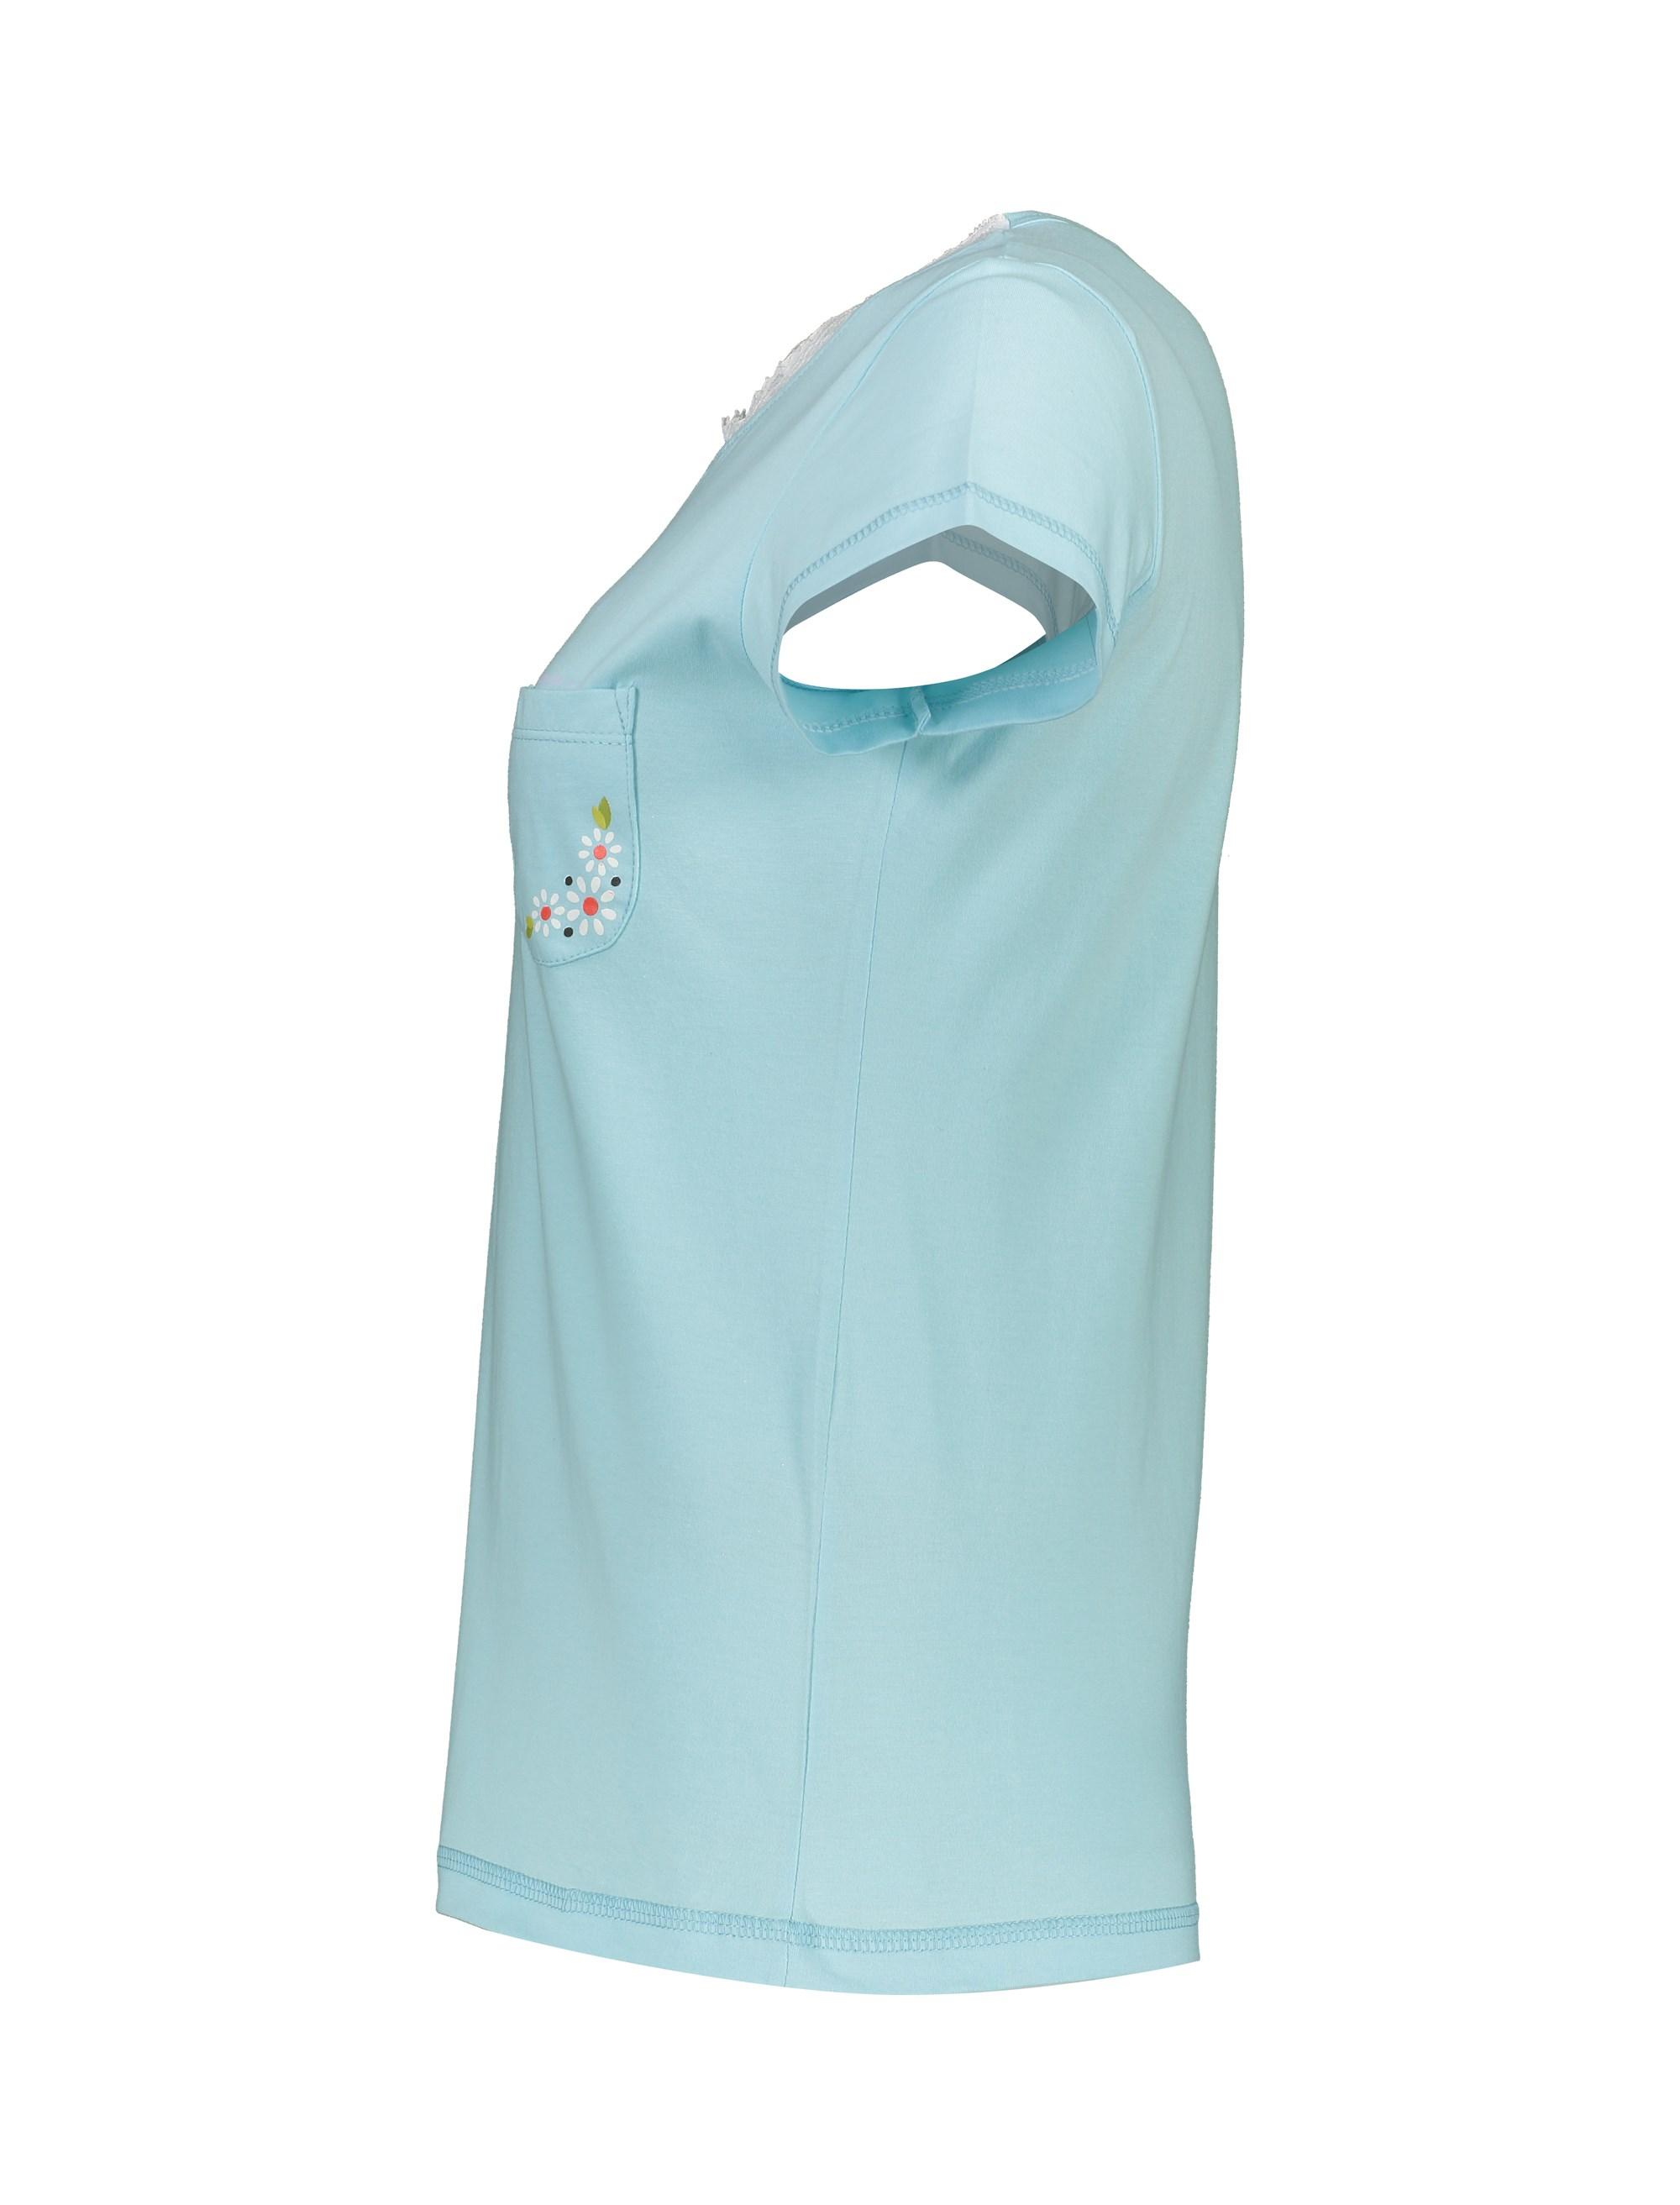 تی شرت و شلوار راحتی نخی زنانه پرک سه گل - فيروزه اي - 4